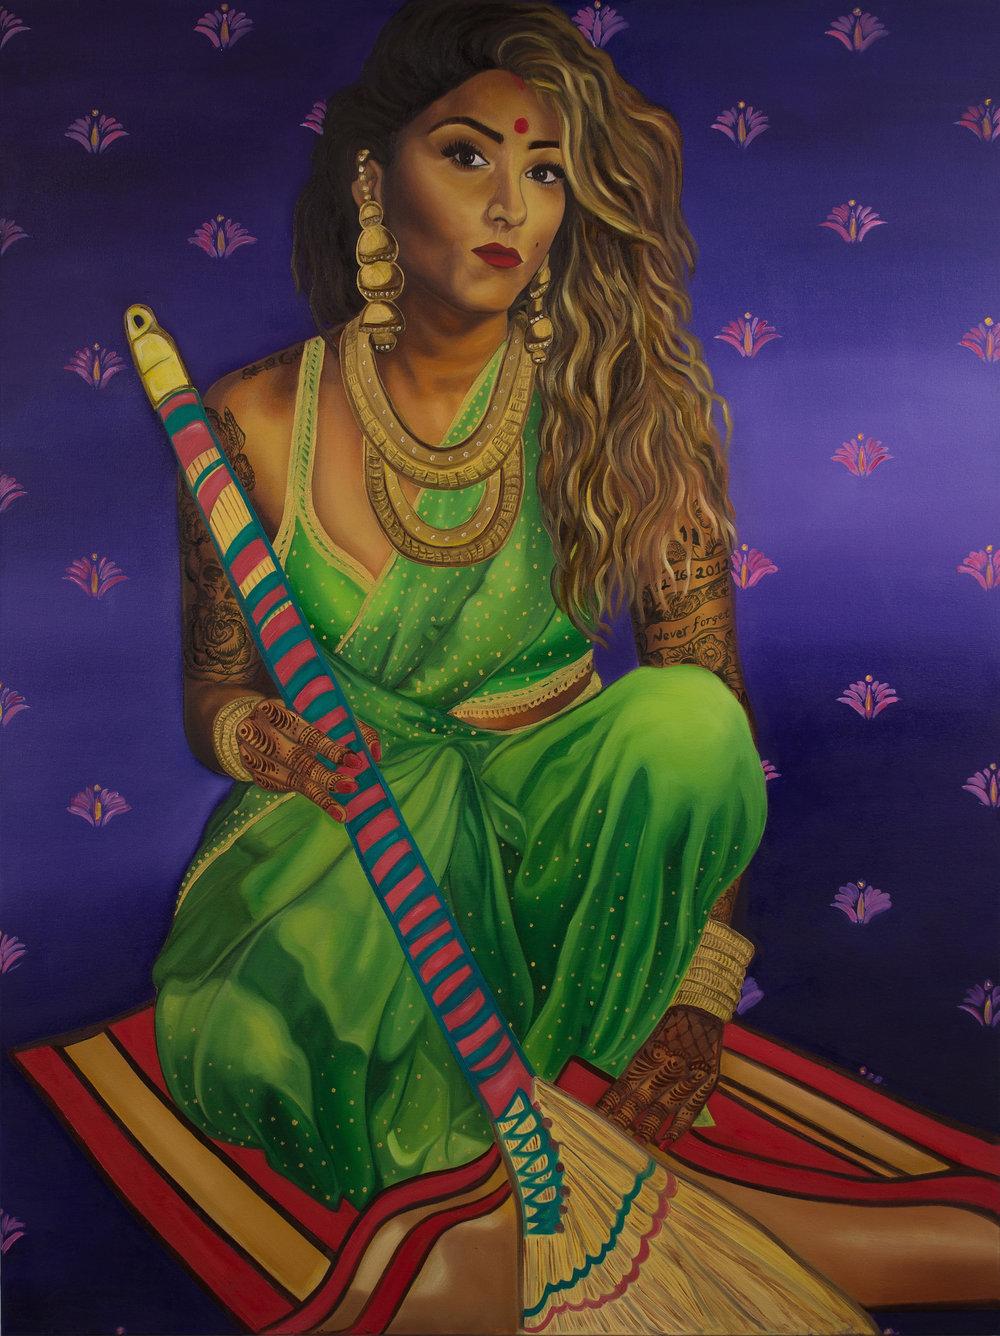 Image Courtesy of Nimisha Bhanot